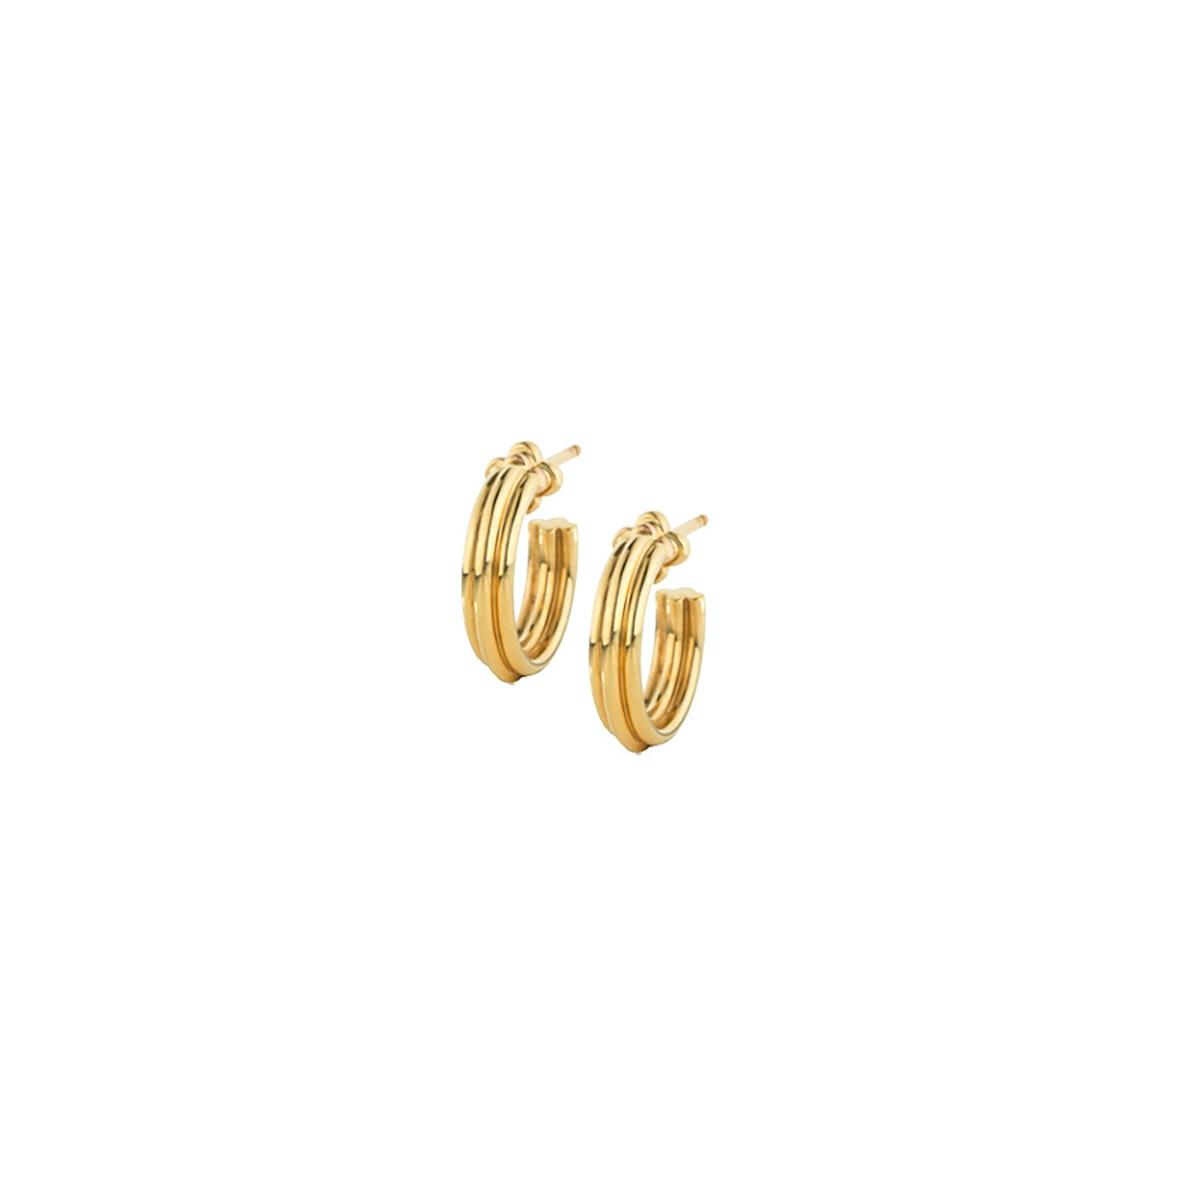 GOLDEARRING13.jpg